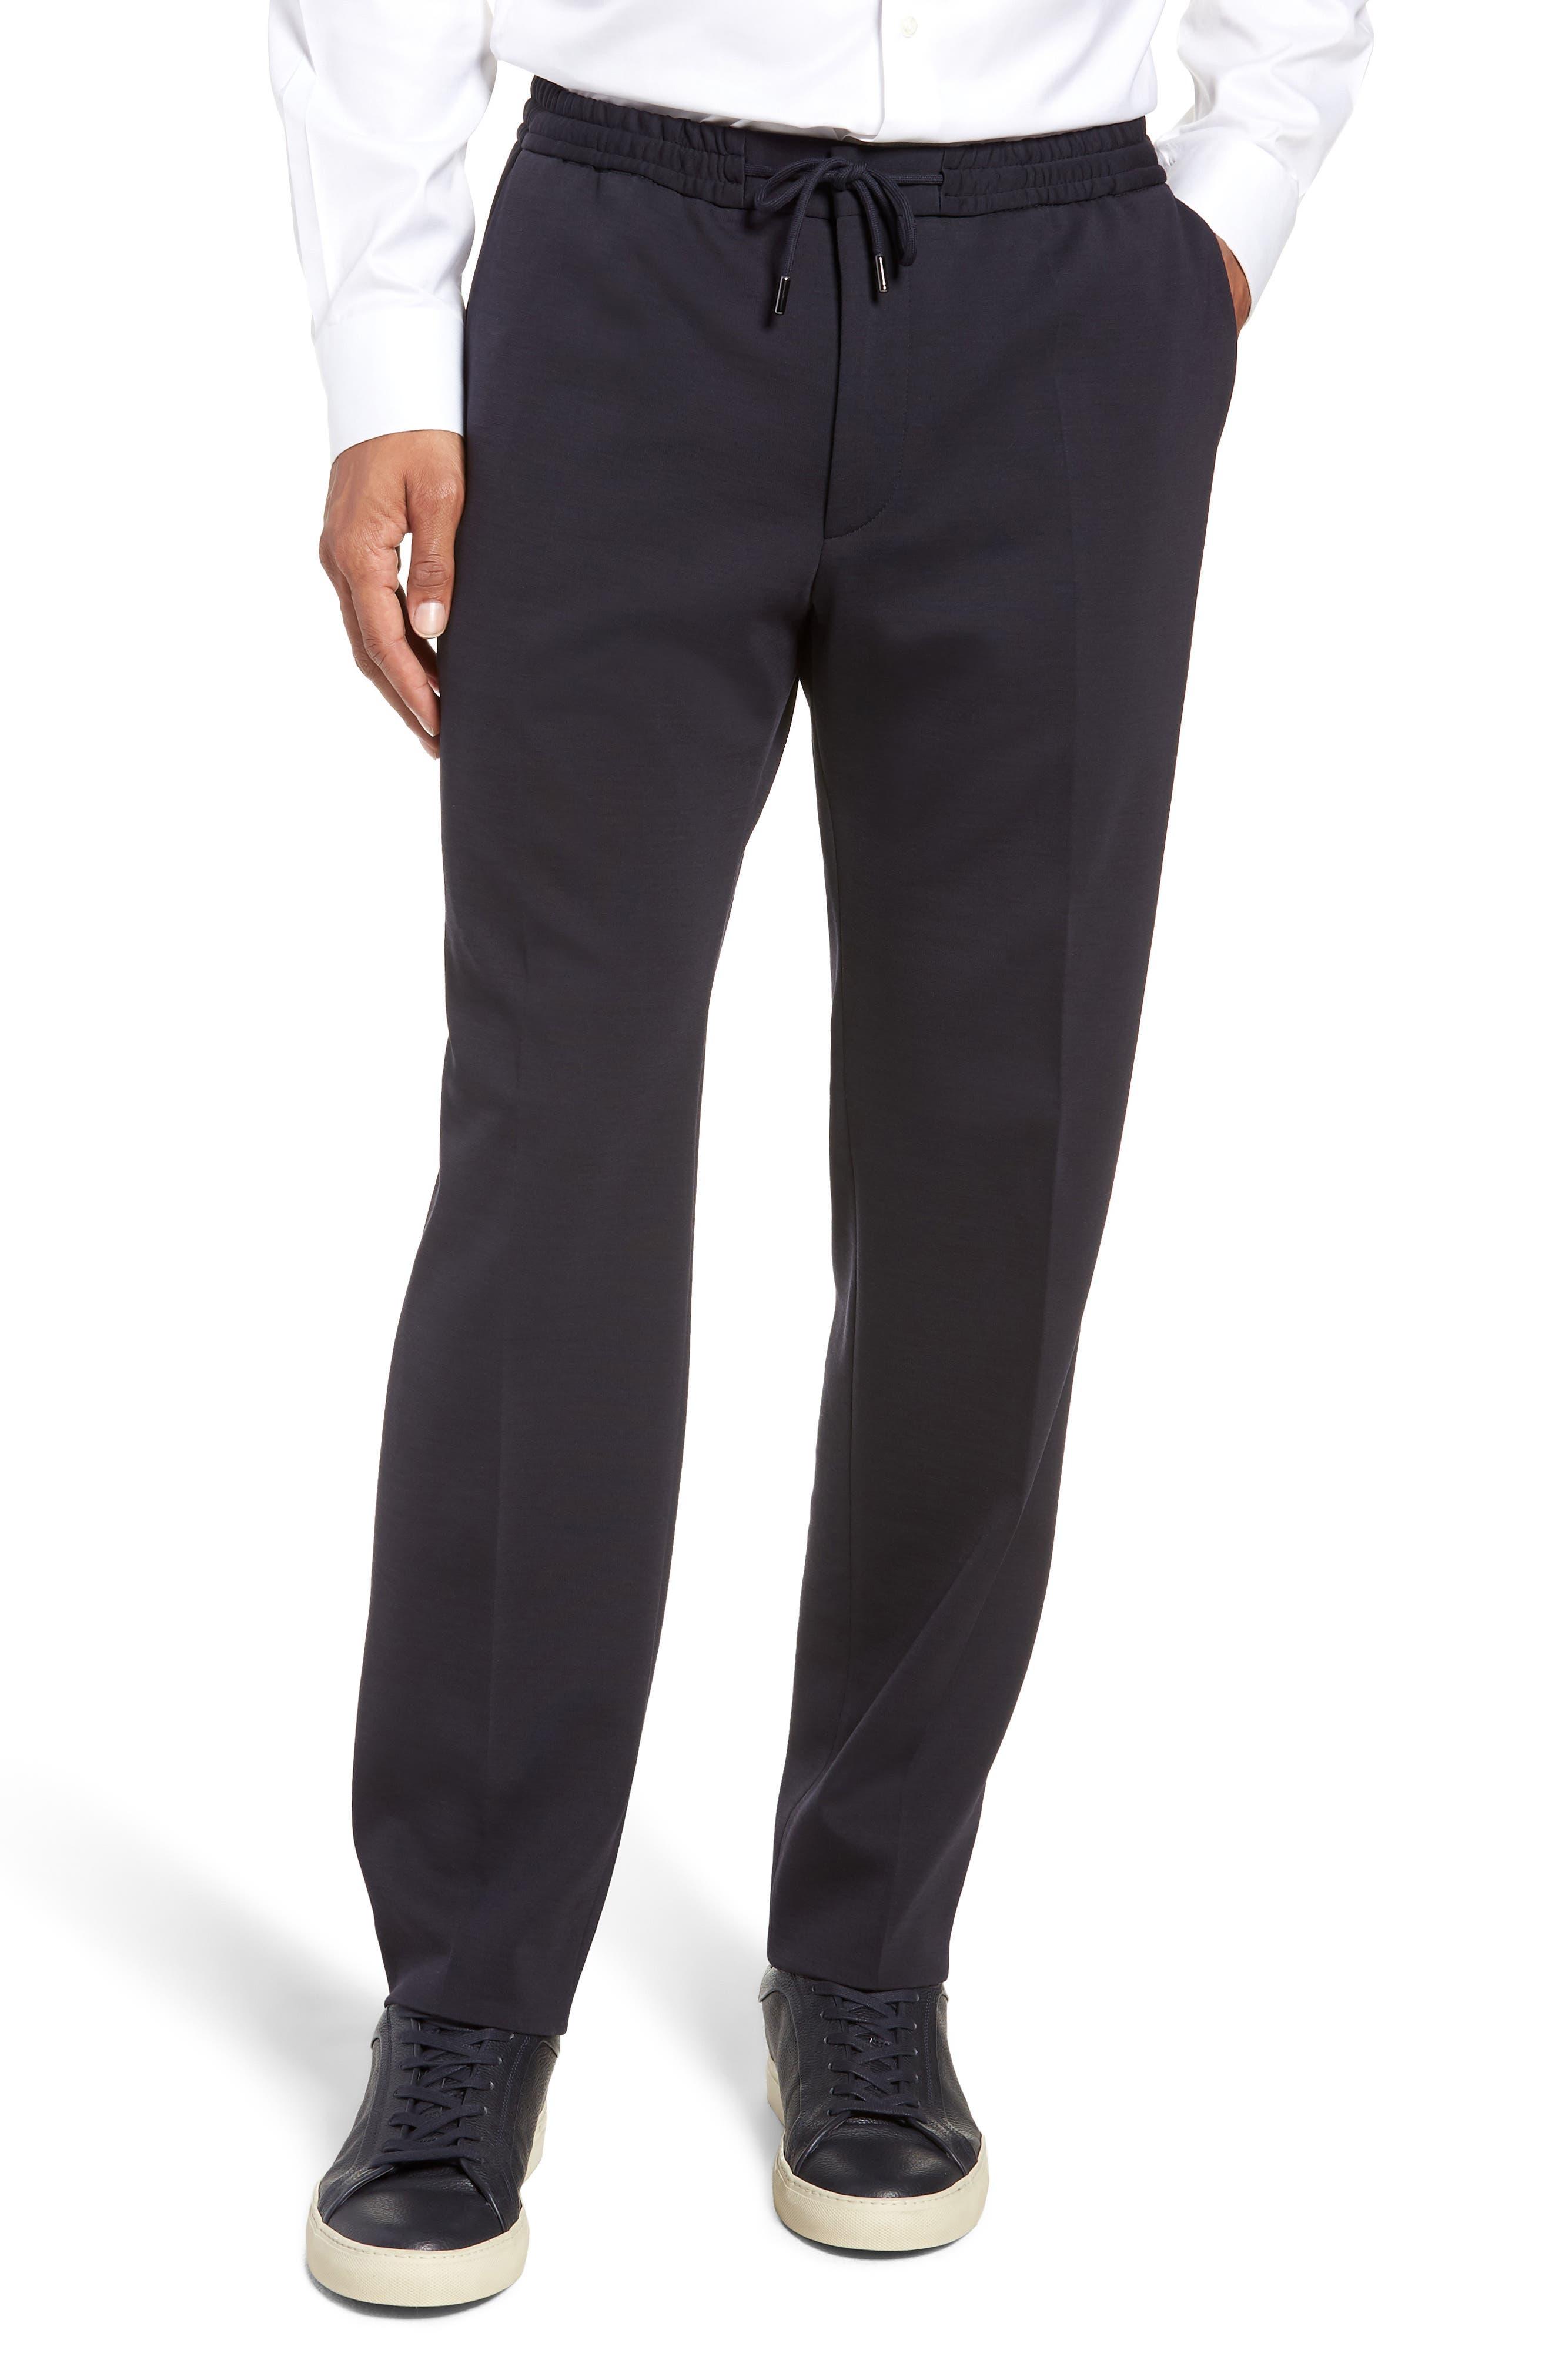 Banks-J Wool & Cotton Joggers,                         Main,                         color, OPEN BLUE